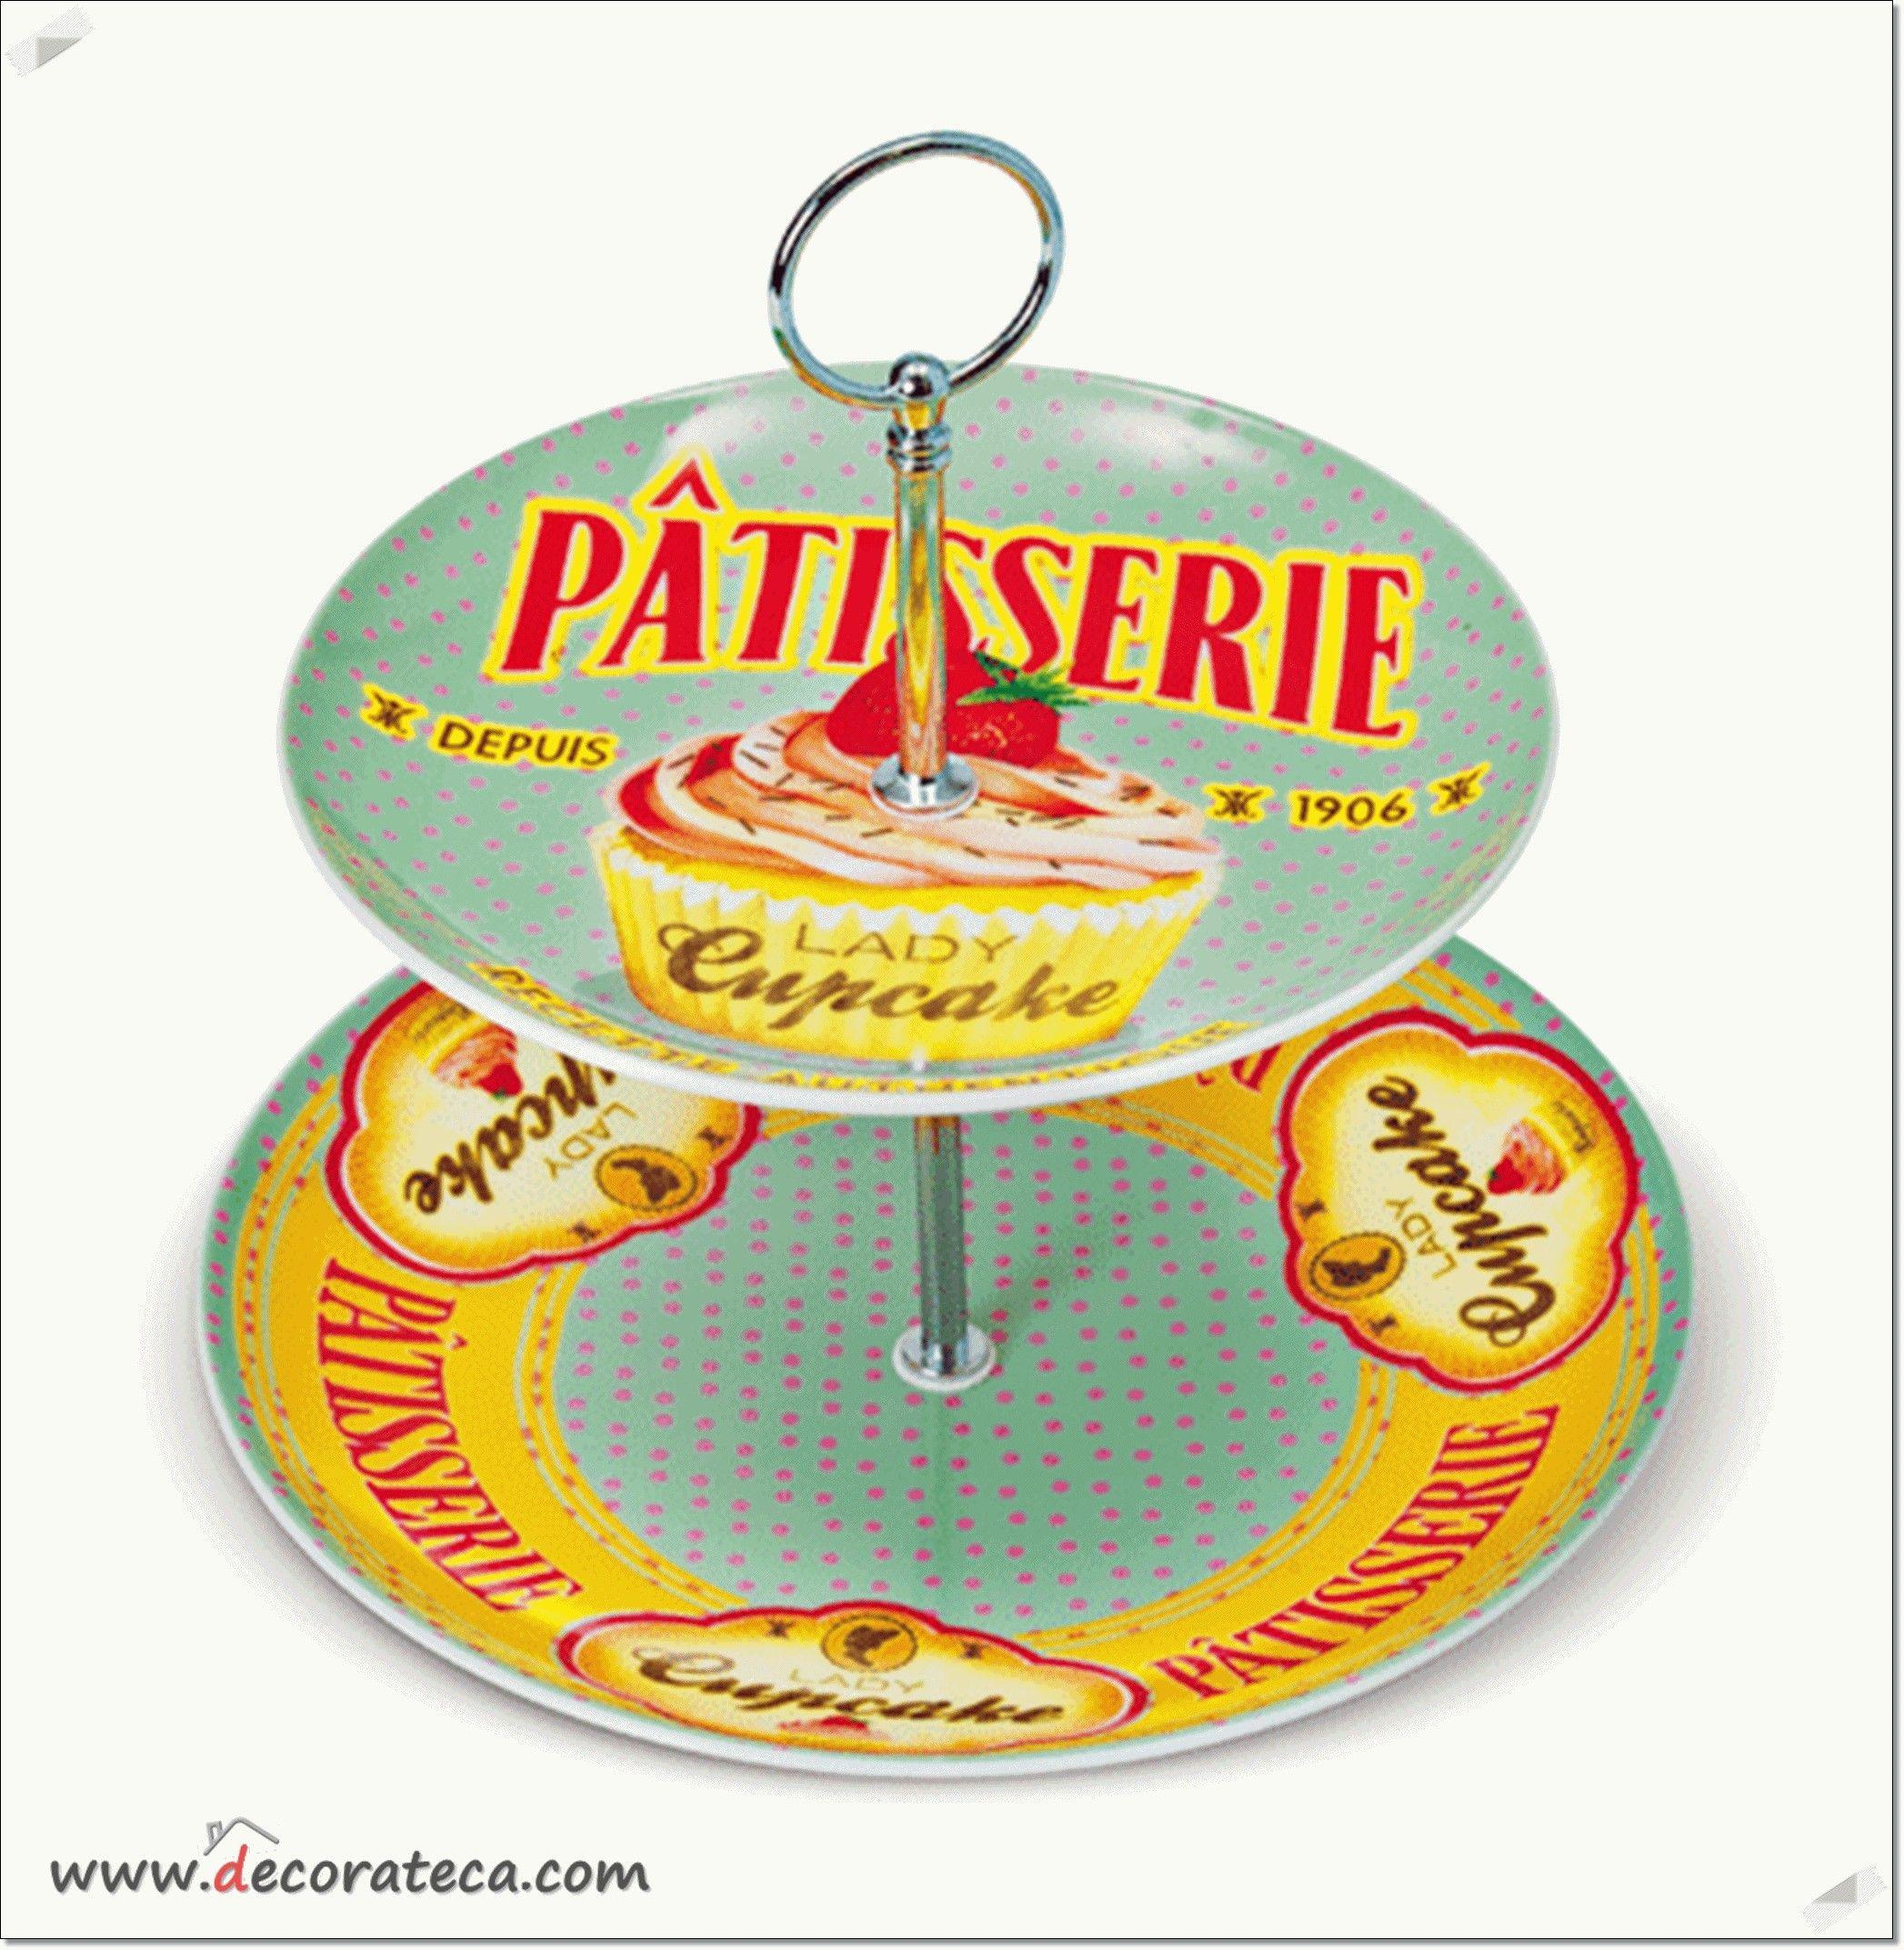 """Bandeja para cupcakes de 2 pisos """"Pâtisserie"""". Decoración de cocinas vintage / retro - DECORATECA.COM"""